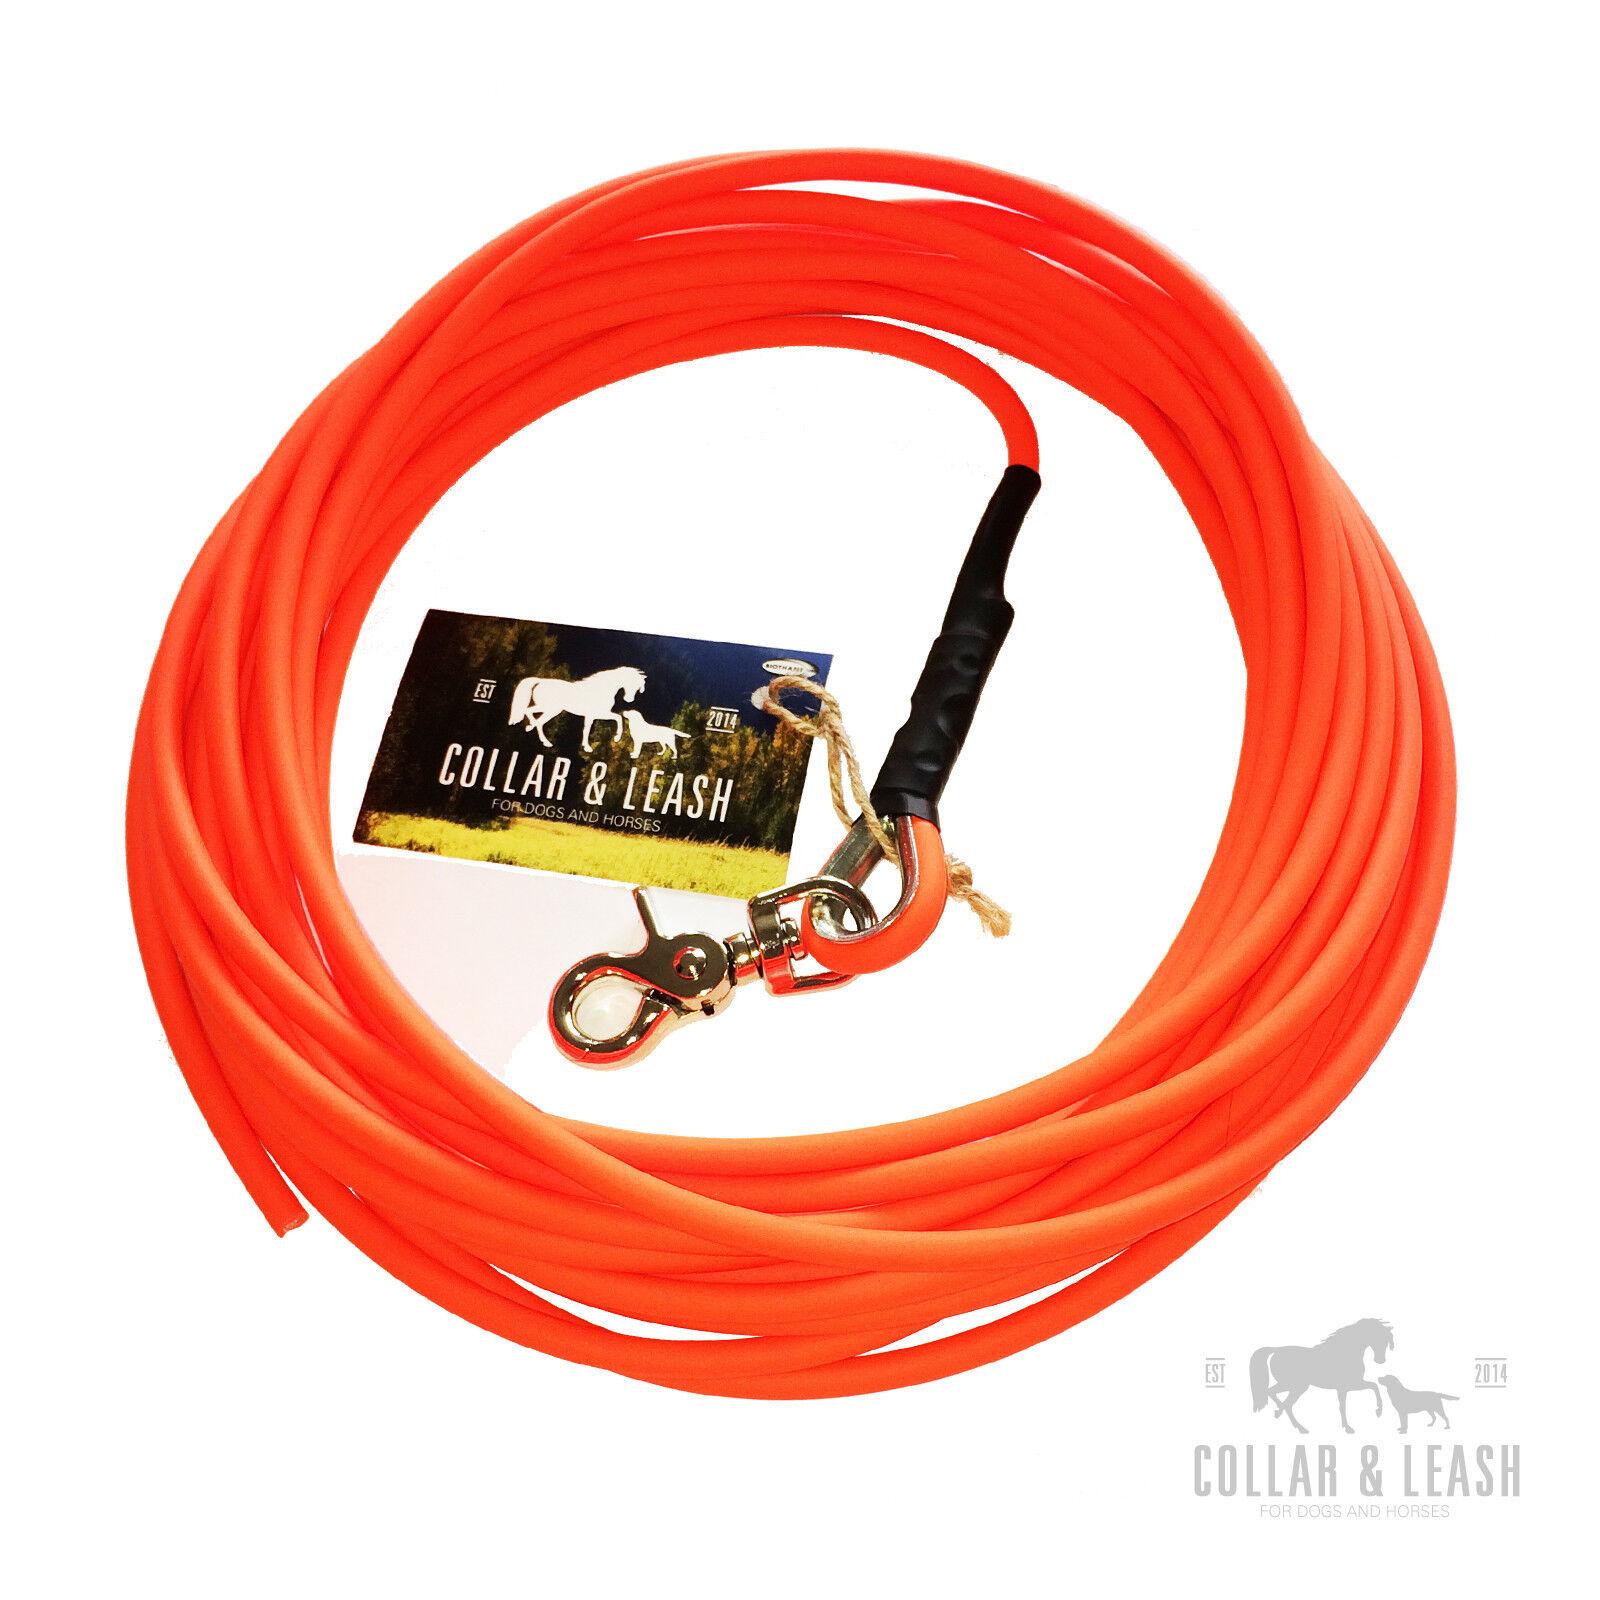 NUOVO guinzaglio cani guinzaglio concentrandola Guinzaglio dragline 15m TONDO BioThane Neon Arancione 6mm